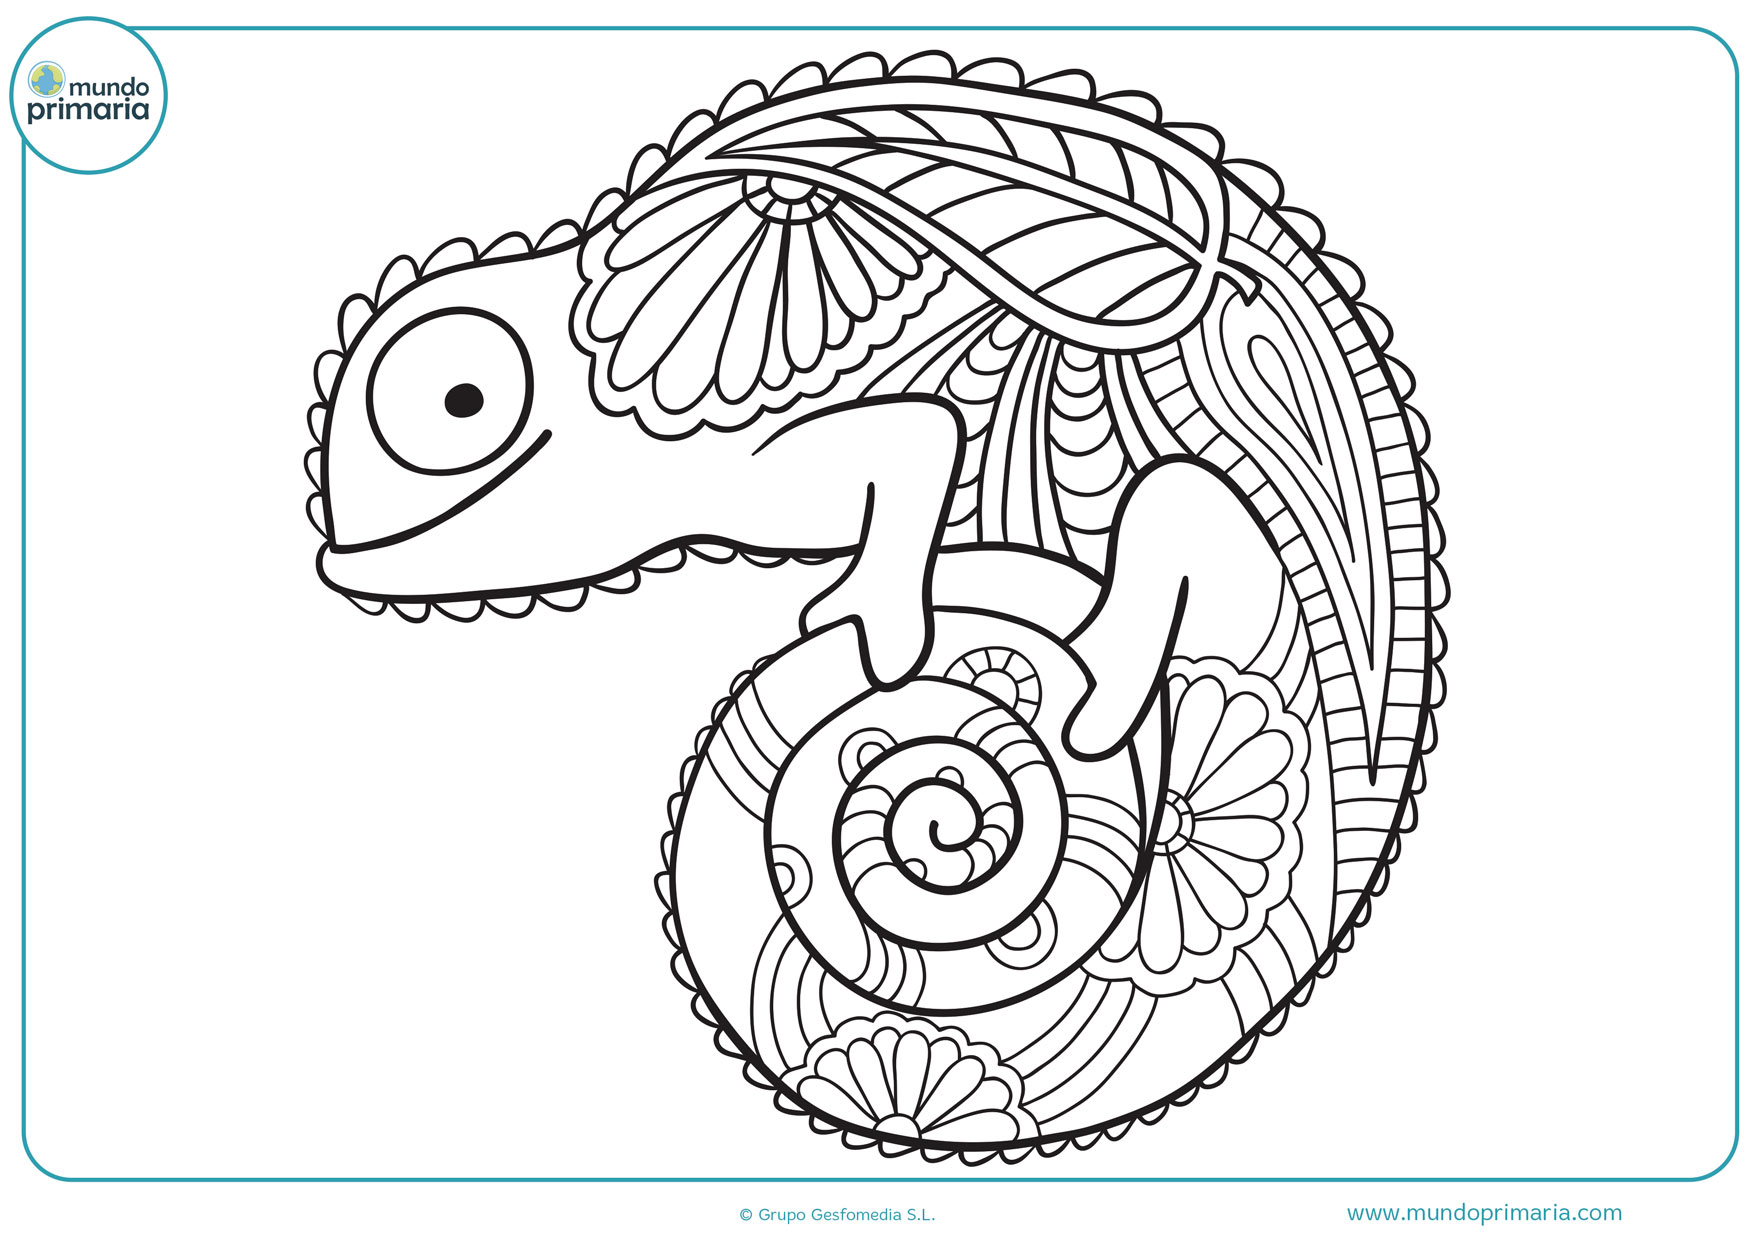 Imprimir Gratis Para Colorear Para Y Mandalas De Animales: Dibujo Mandala Colorear